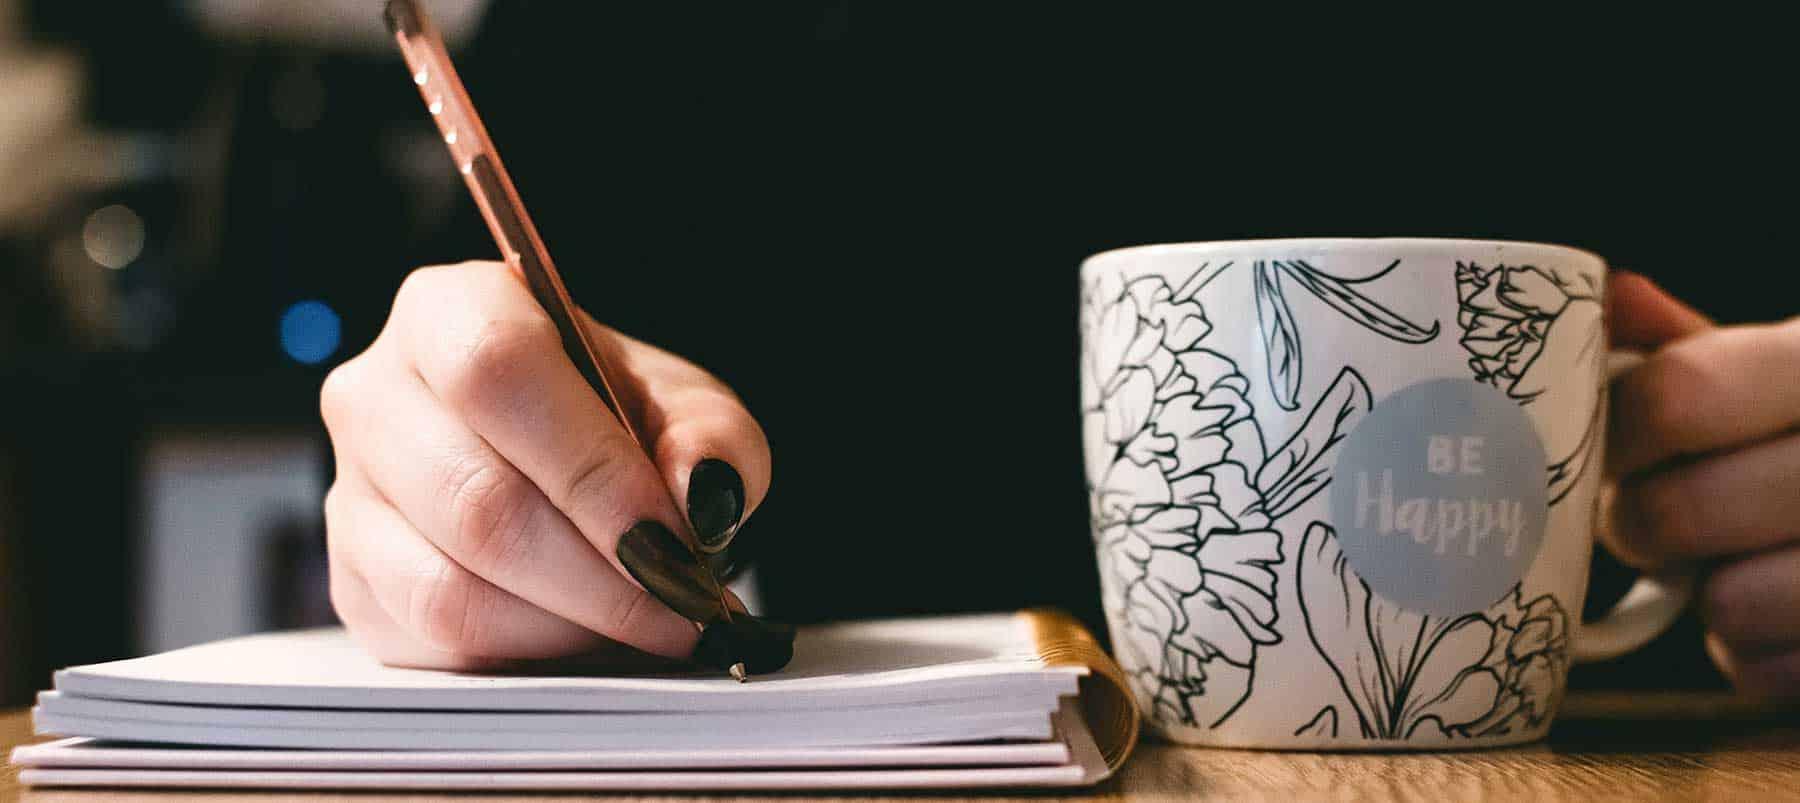 Online Jobs for Teens - Freelance Writer